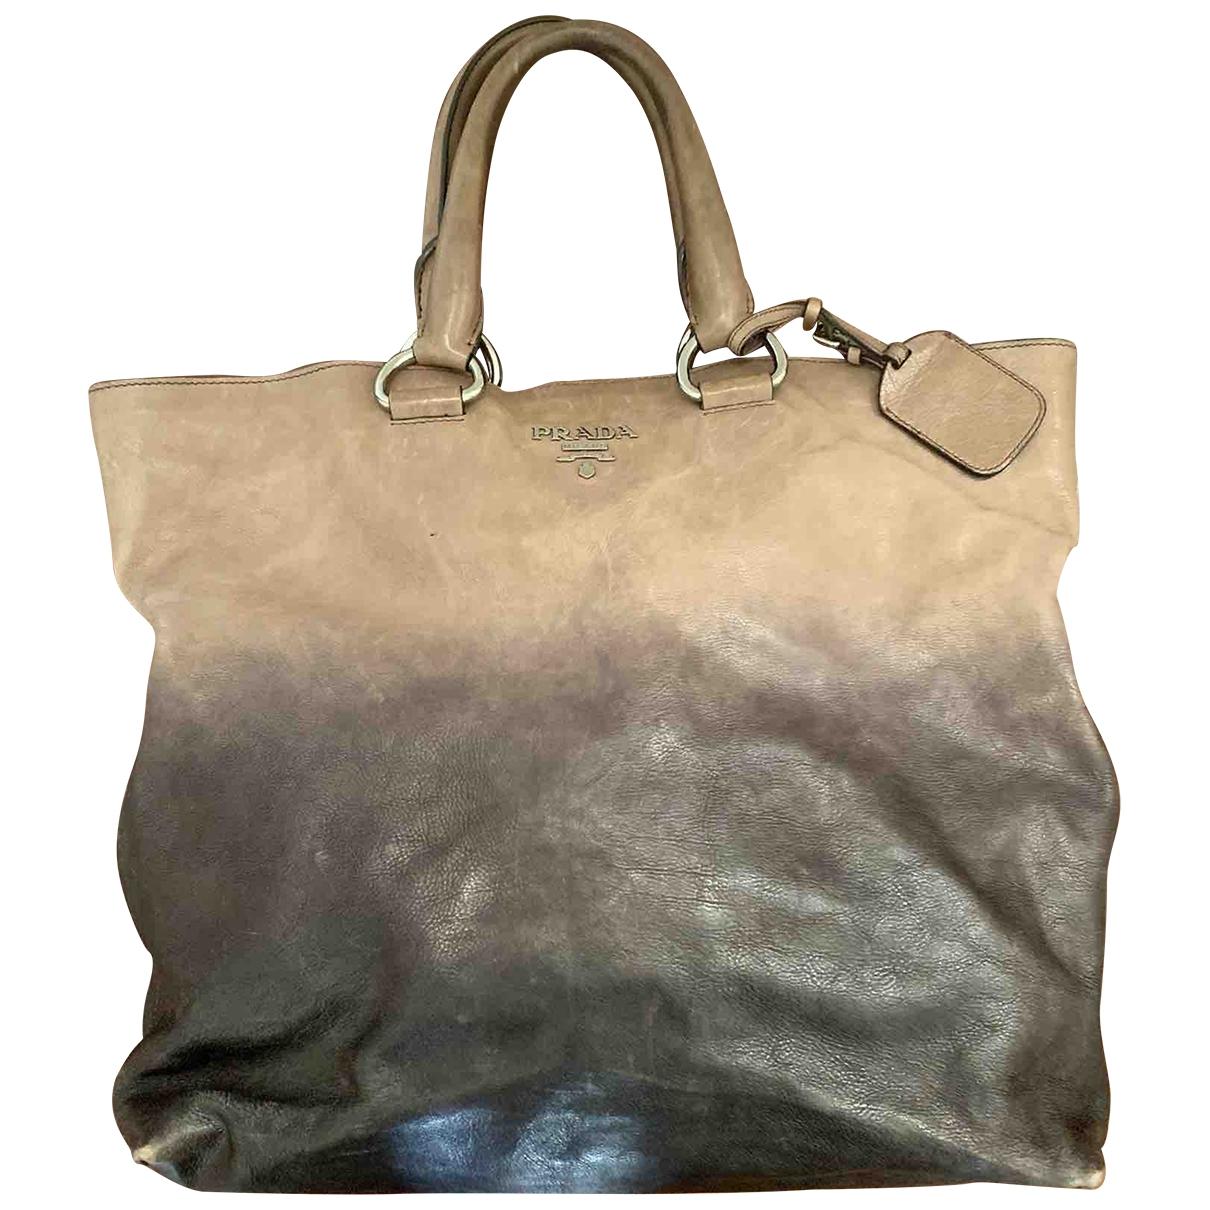 Prada \N Handtasche in  Anthrazit Leder